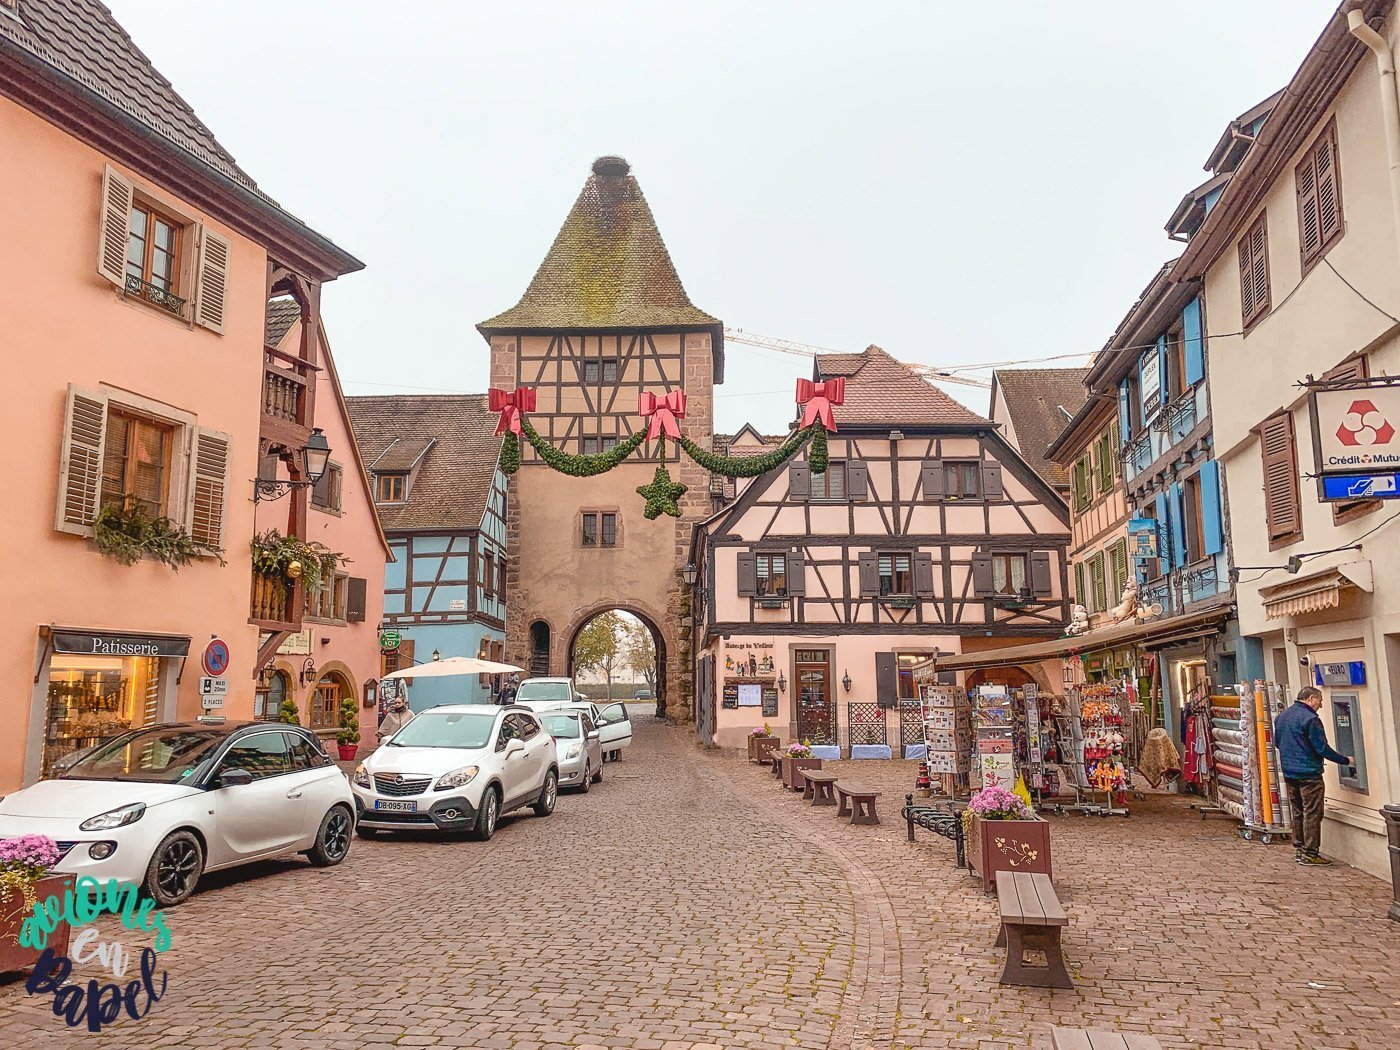 Turckheim. Ruta y qué ver en Alsacia en 4 días